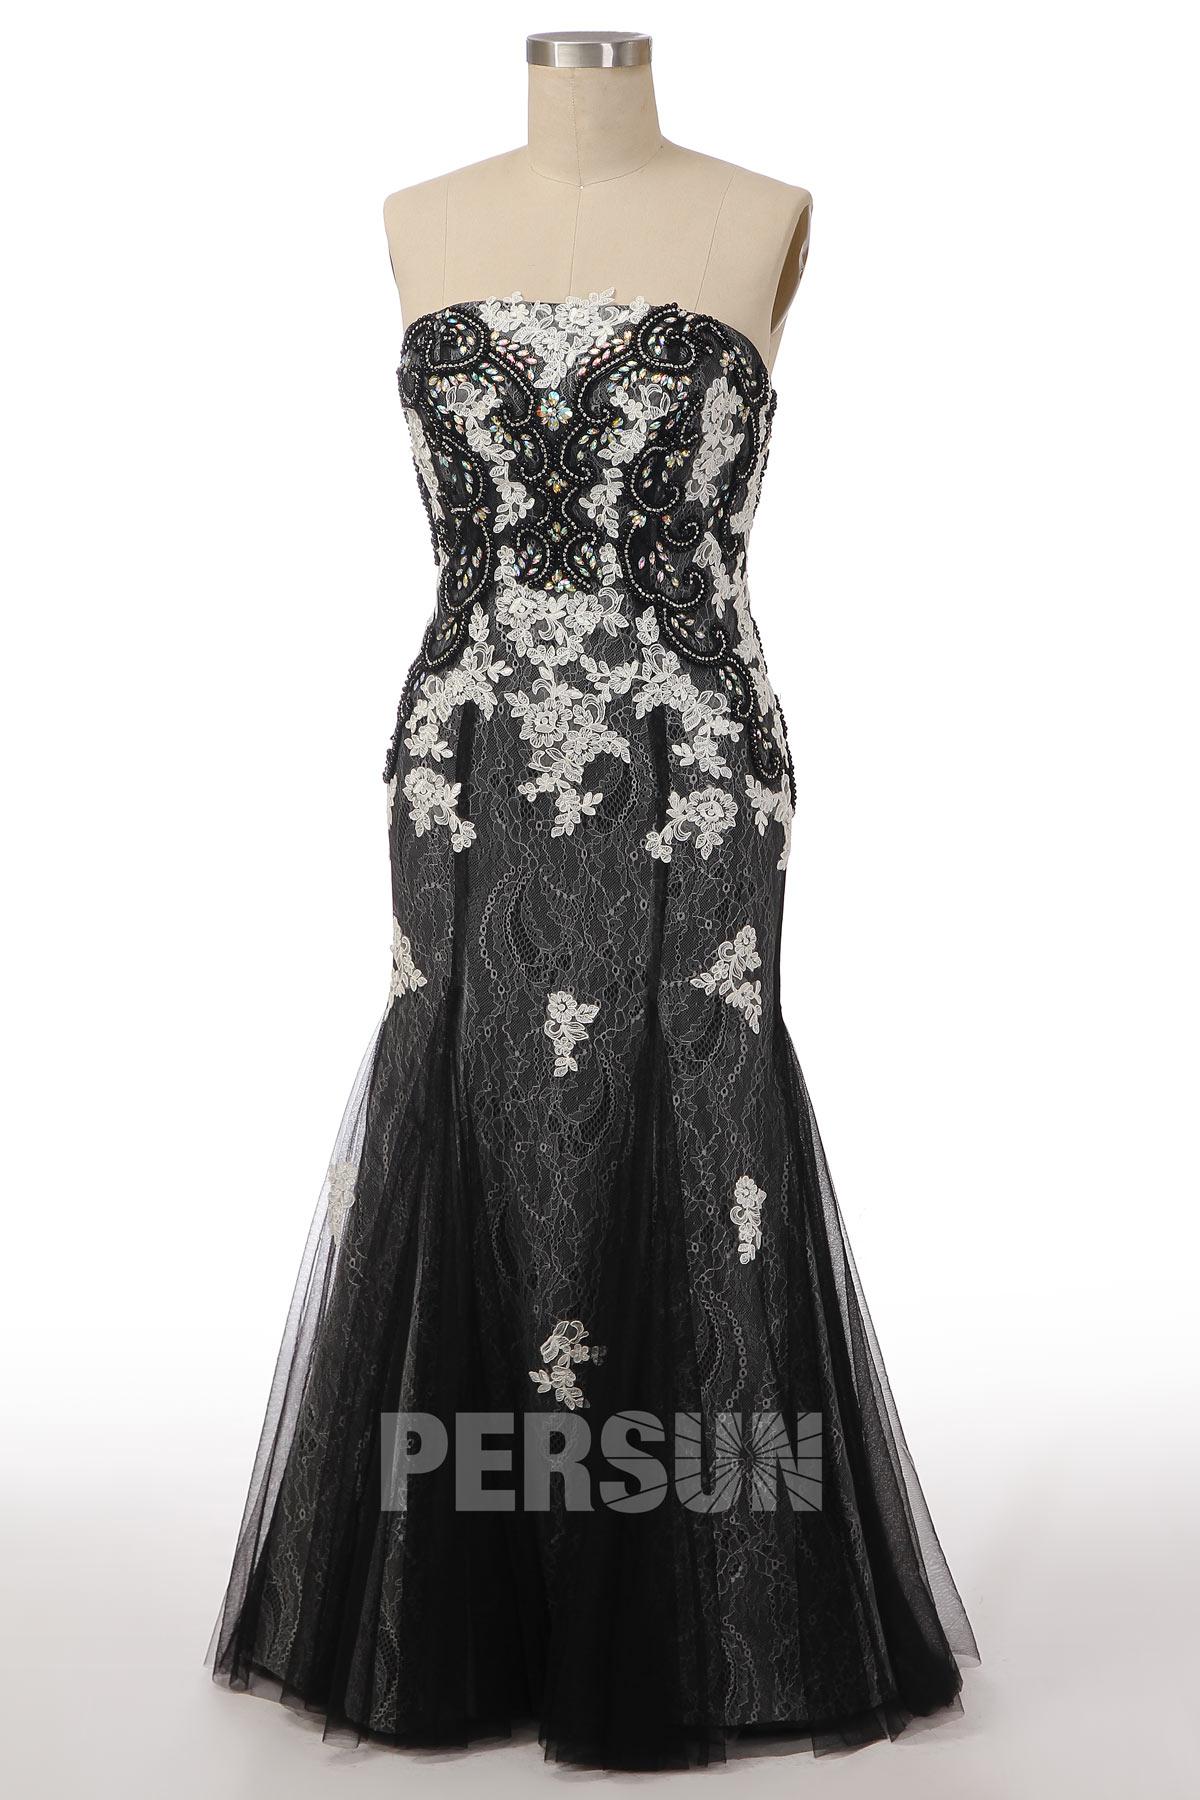 magnifique robe de soirée 2019 coupe sirène en dentelle noir